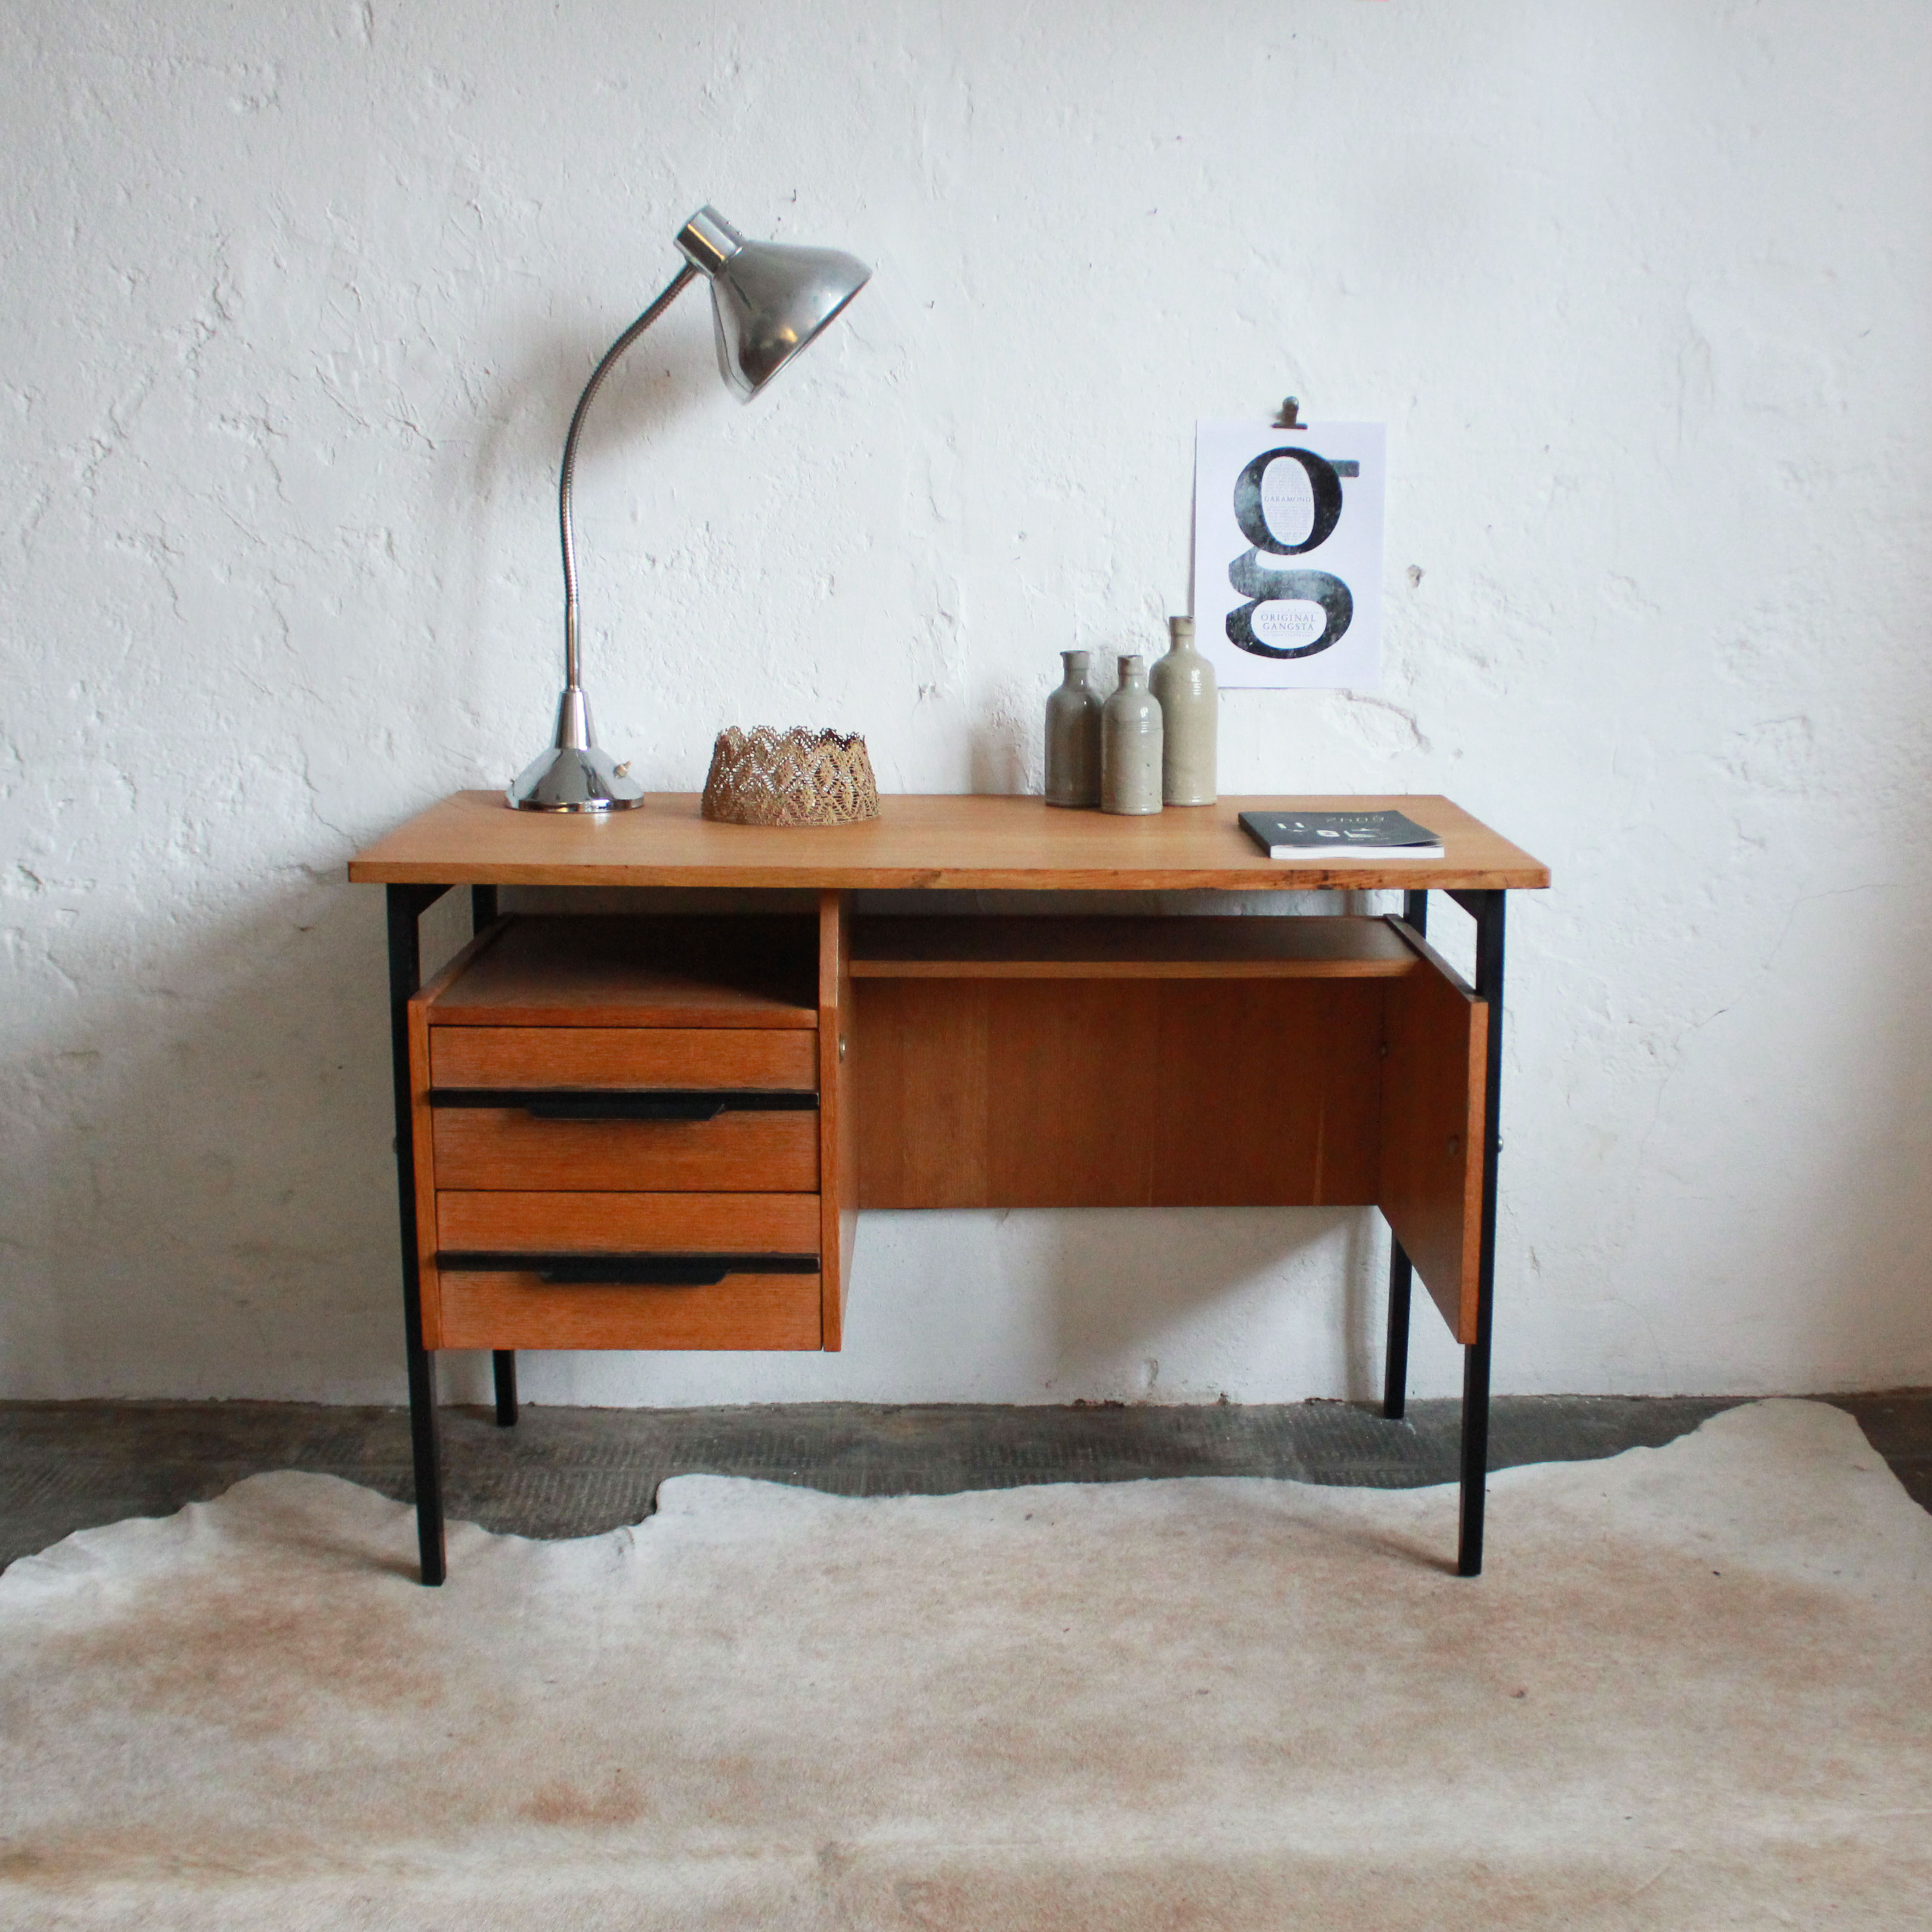 Bureau vintage moderniste ancien Atelier du petit parc